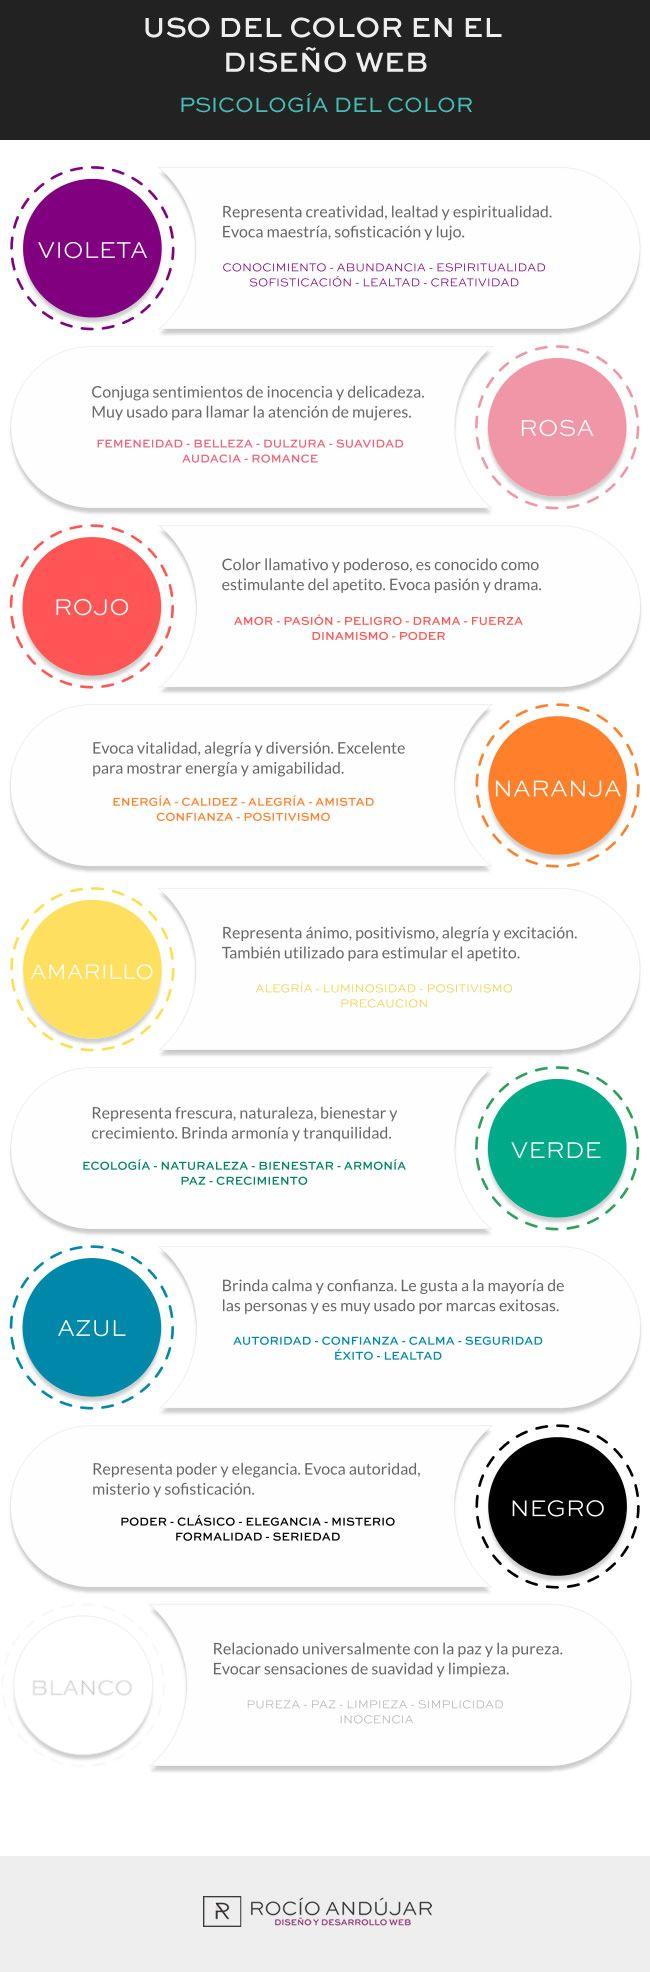 infografia uso del color en el diseño web. Psicología de los colores: violeta, rosa, rojo, naranja, amarillo, verde, azul, negro y blanco.